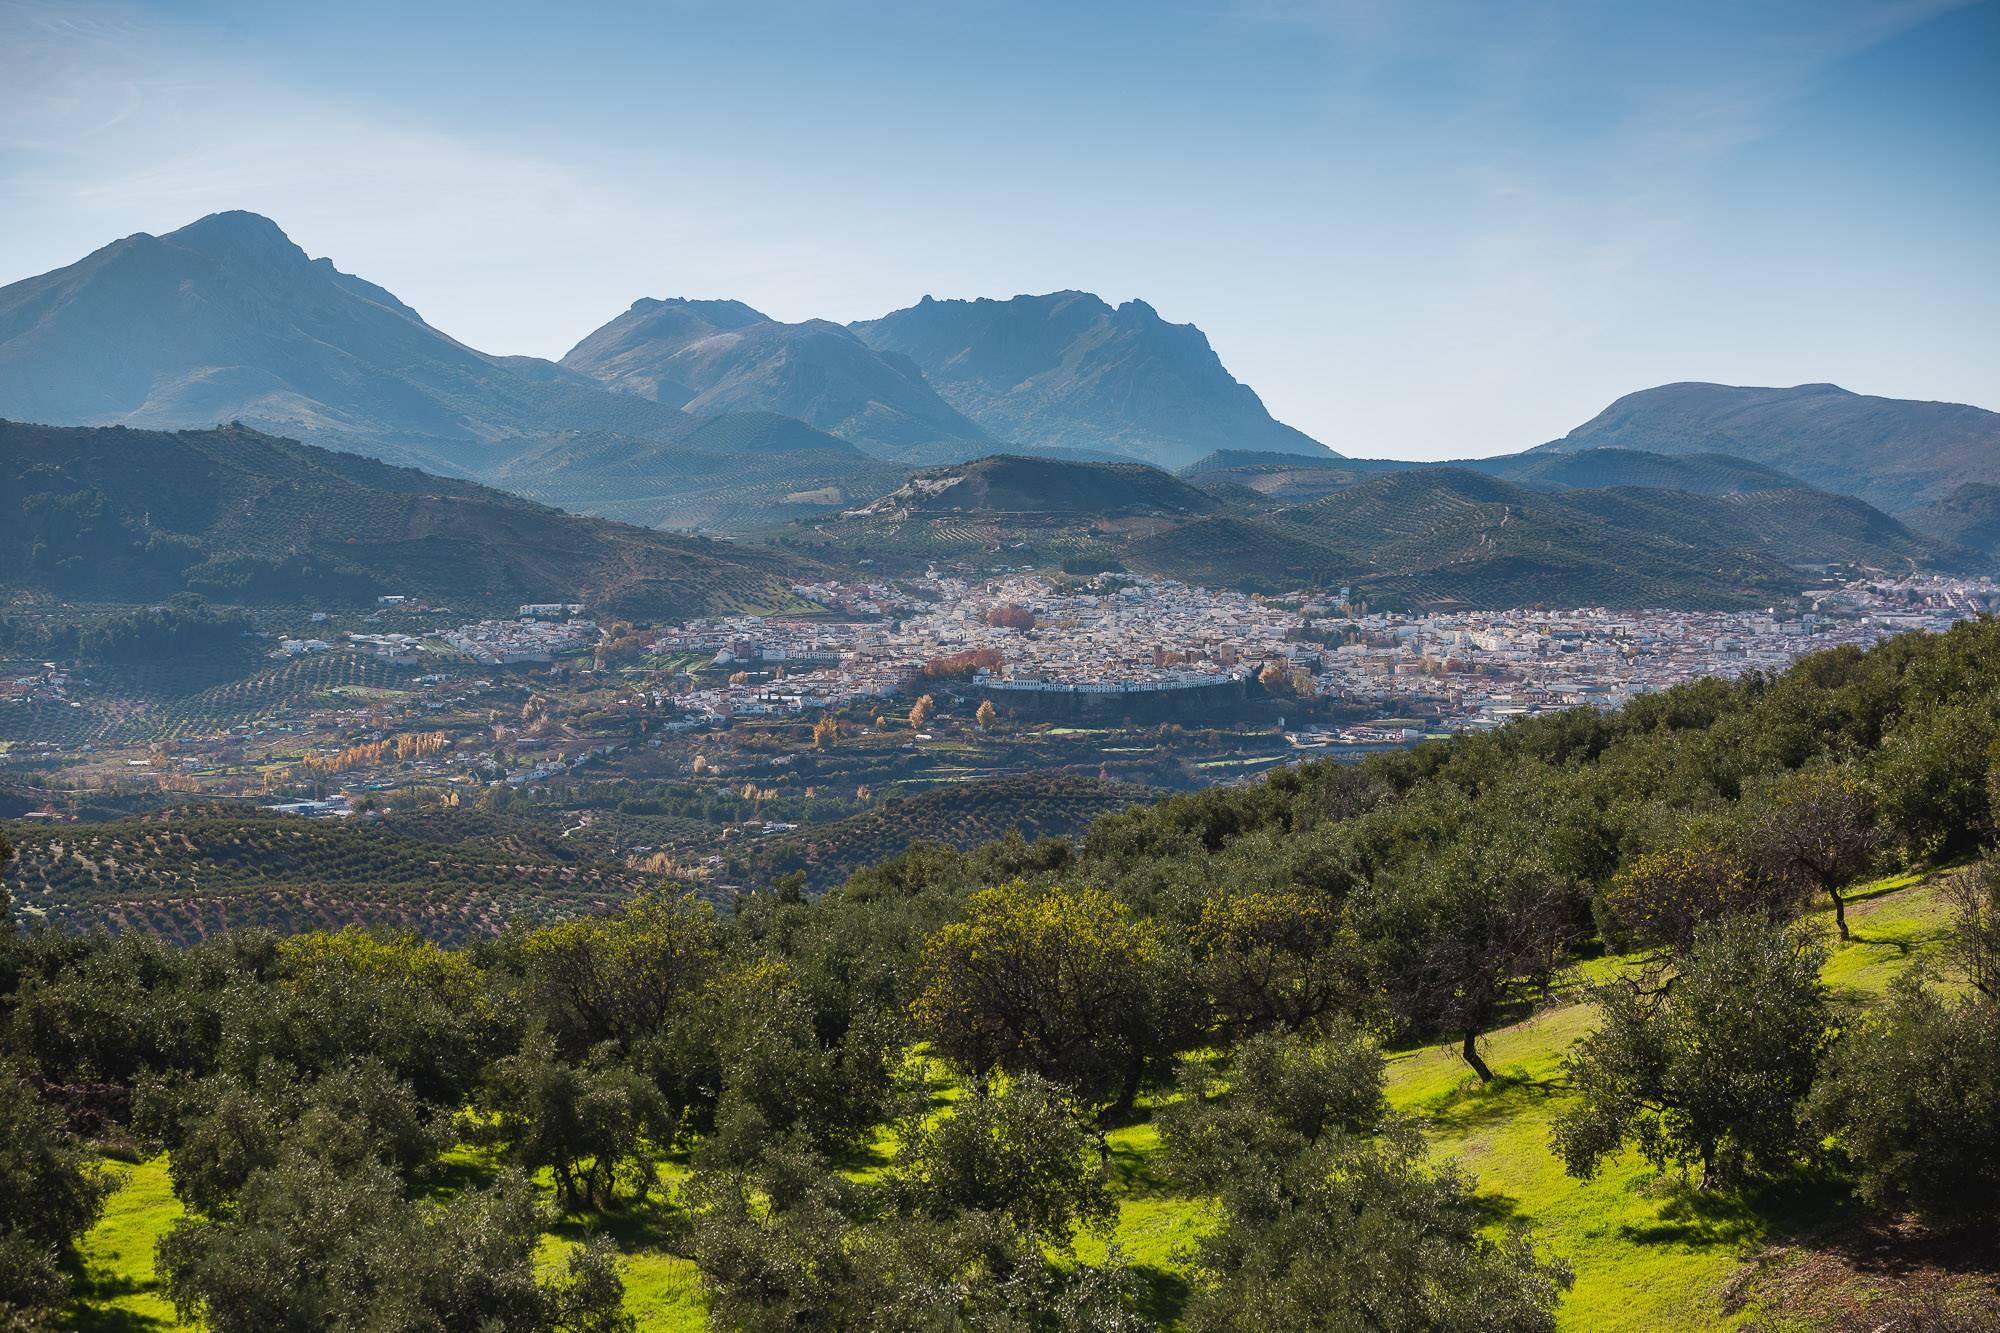 La Tiñosa, en la sierra de la Horconera, también llamada popularmente 'el techo de Córdoba'.